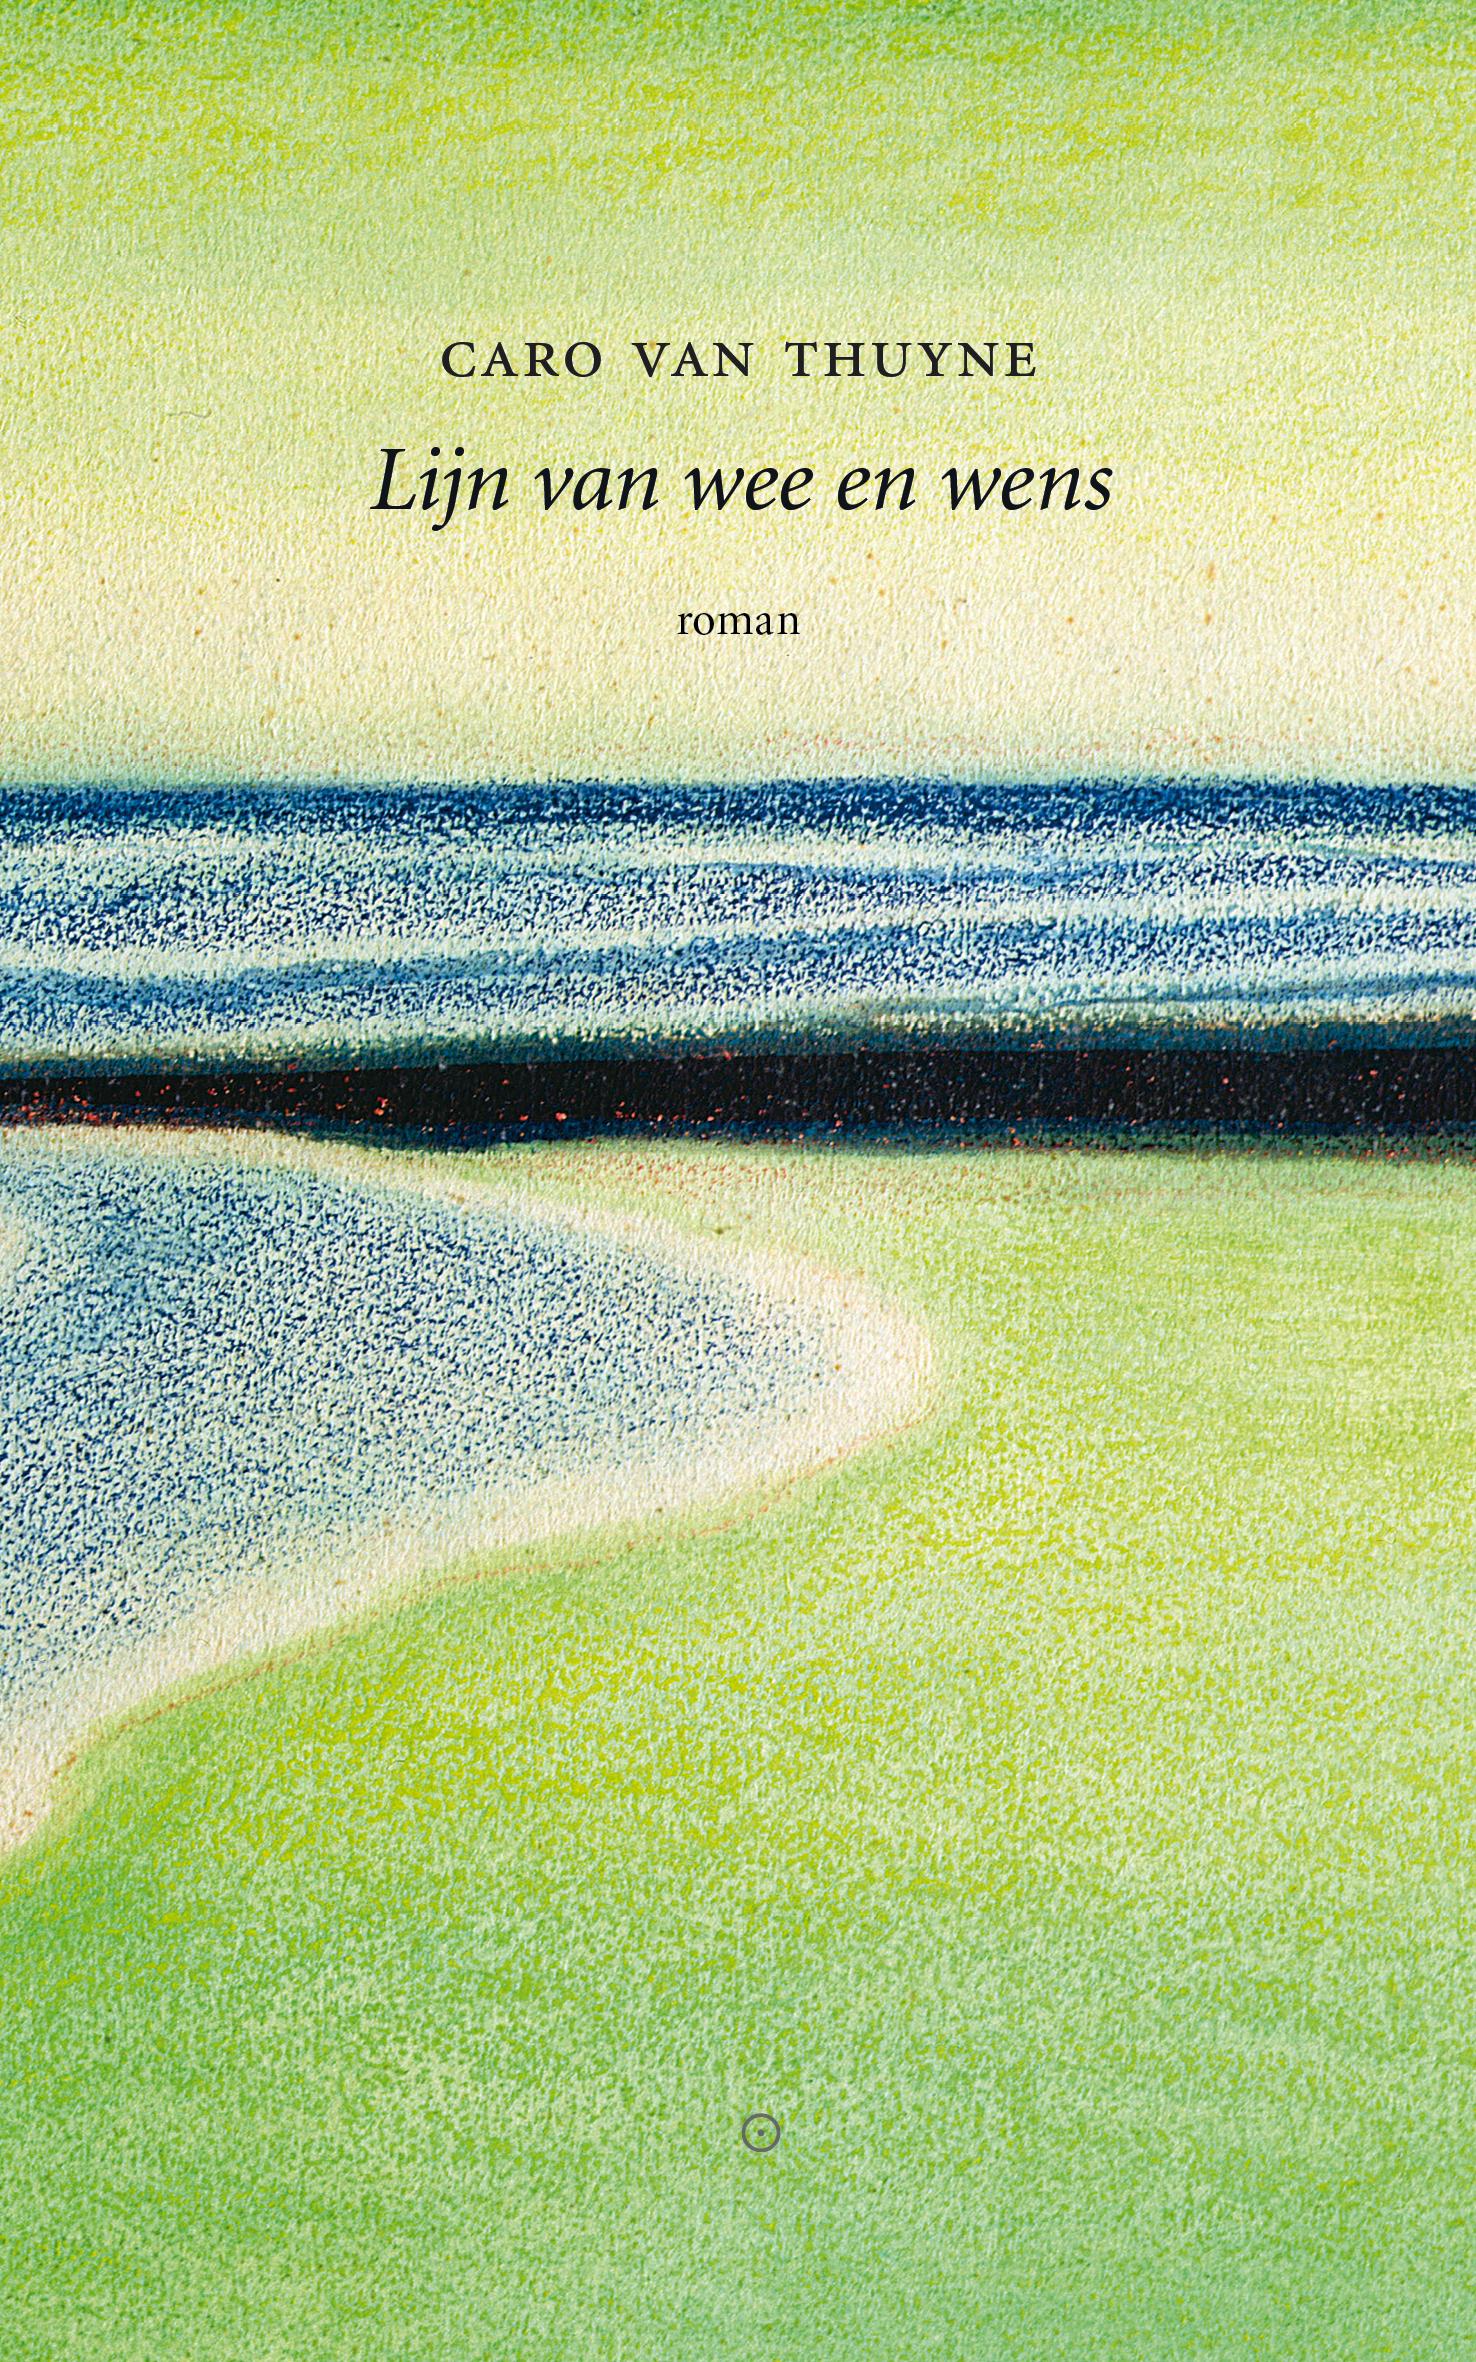 7 boek literatuur Caro Van Thuyne Lijn van wee en wens